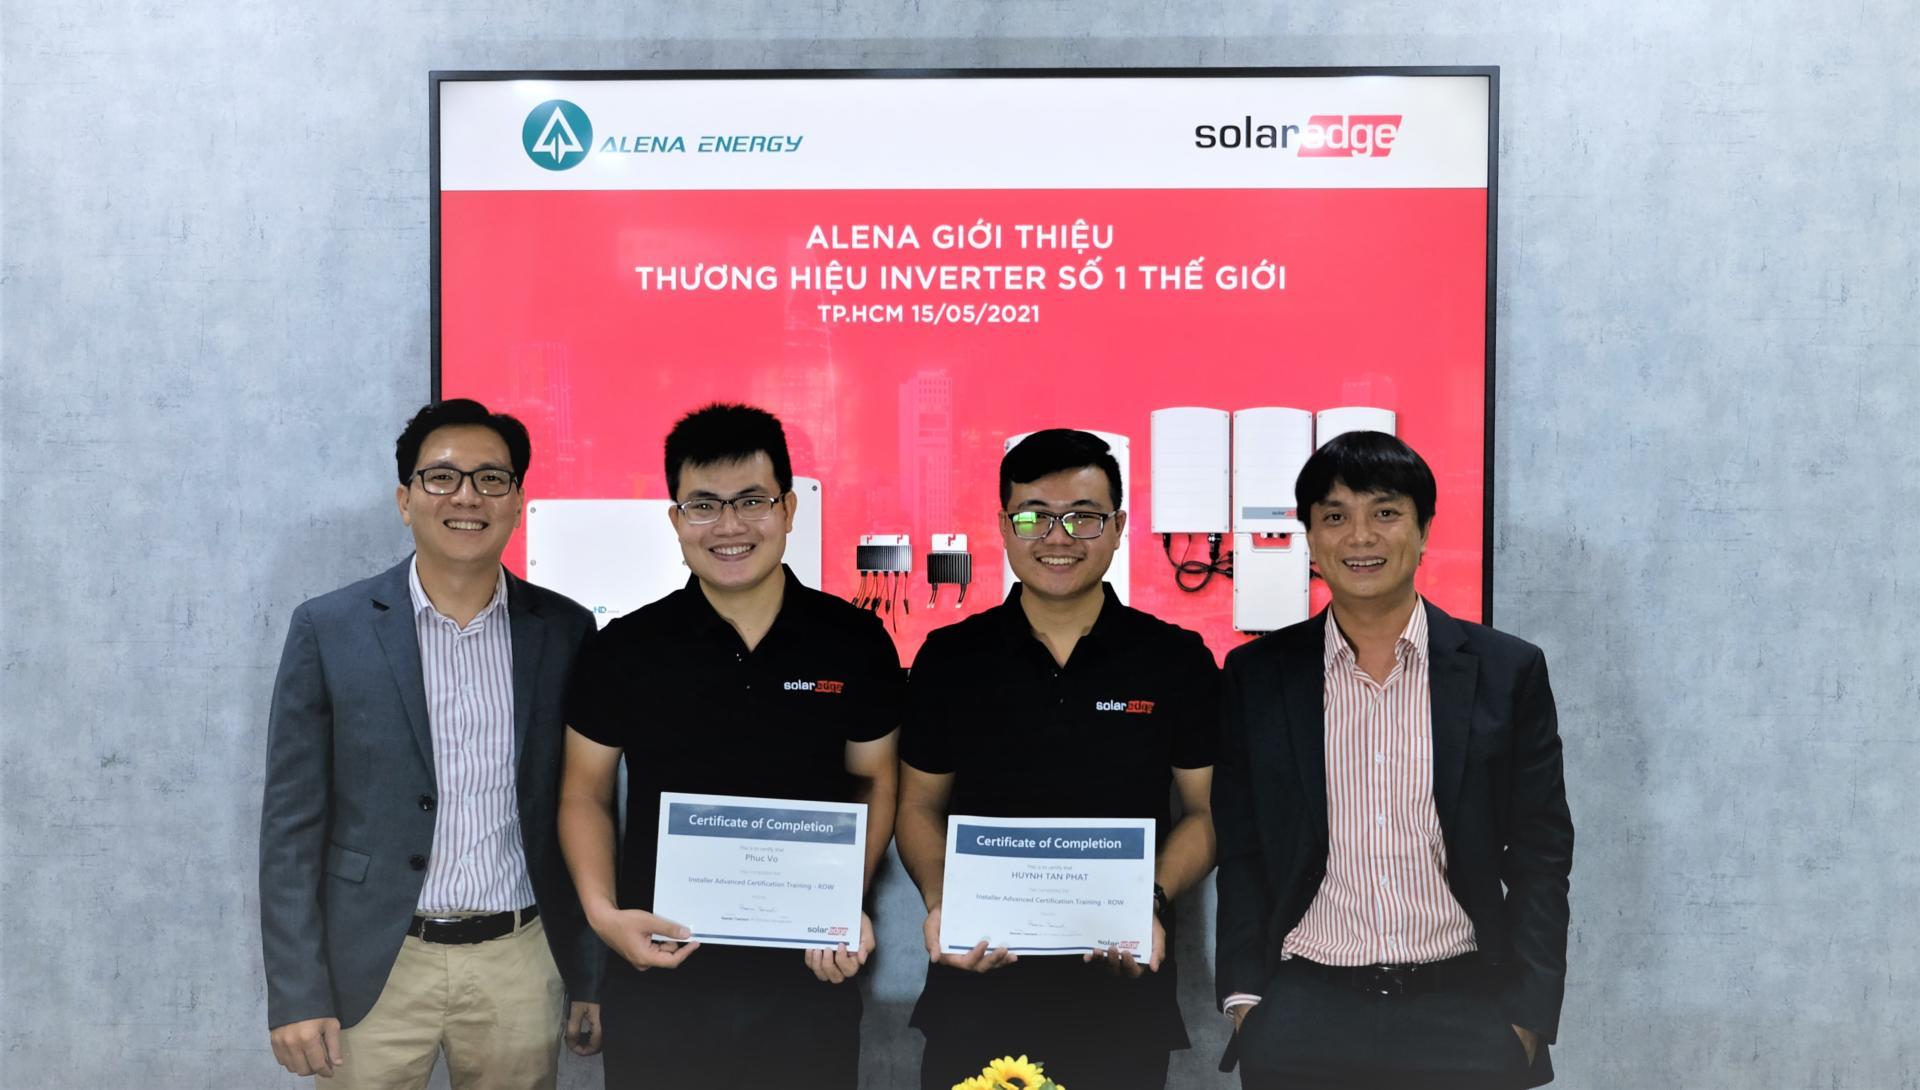 Alena thiết kế miễn phí hệ thống điện mặt trời, chung tay đẩy lùi COVID-19